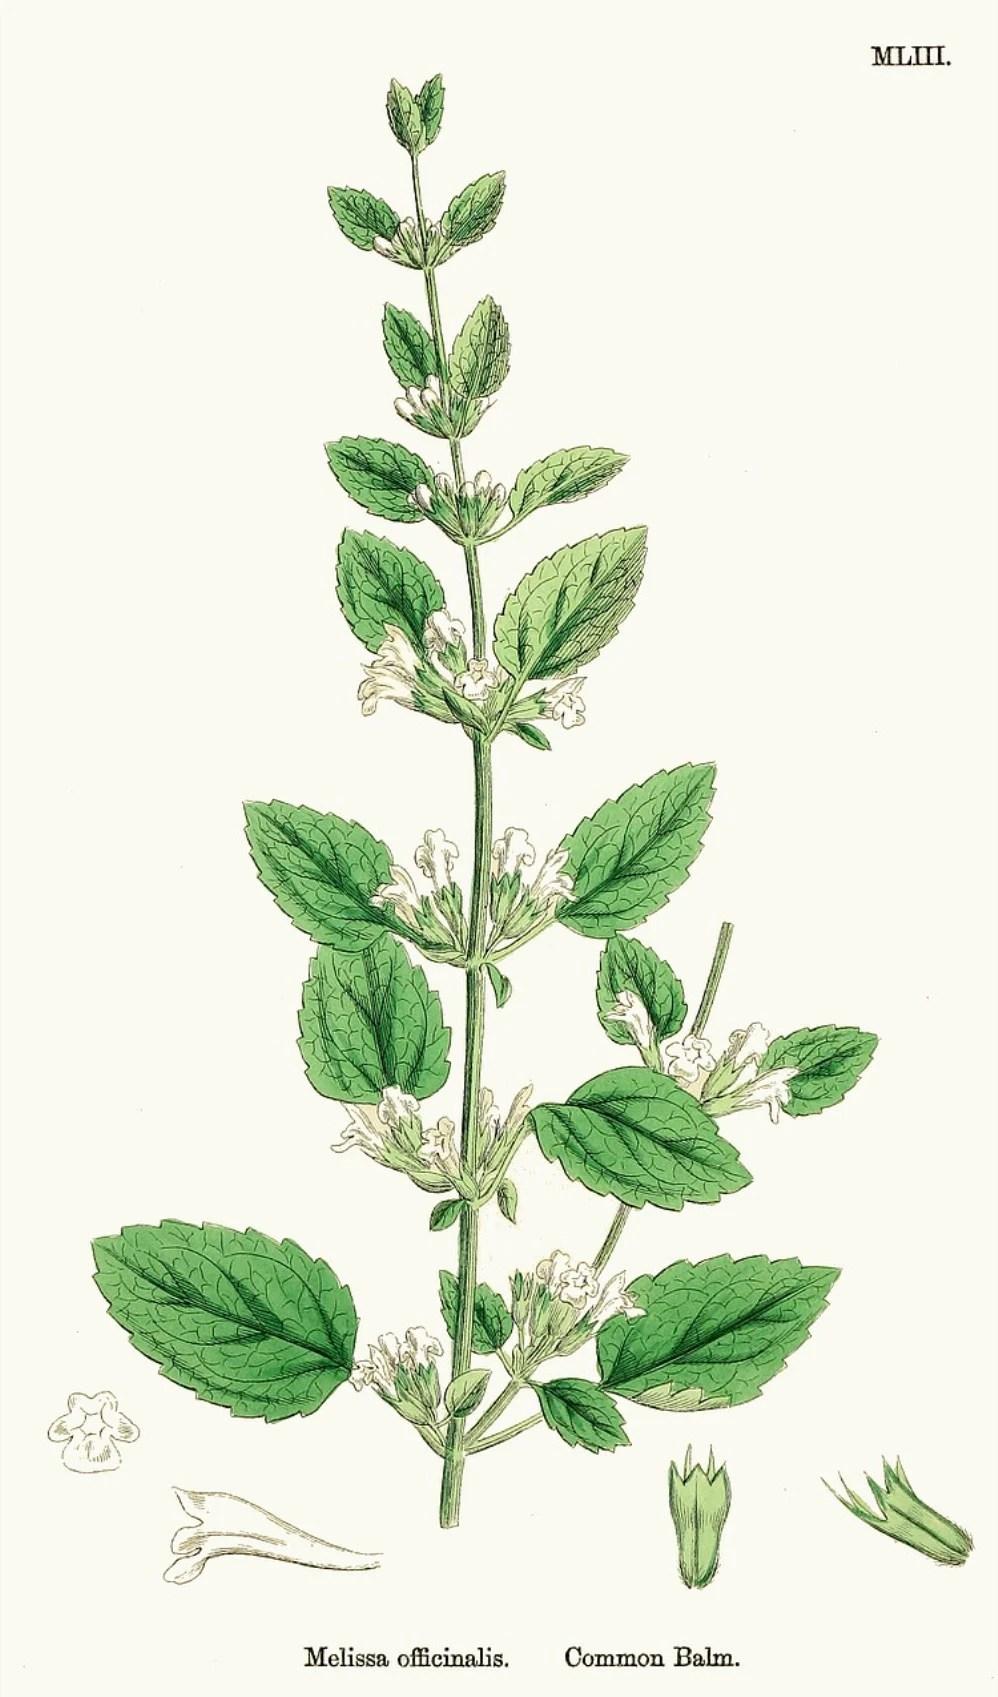 ilustração da planta melissa